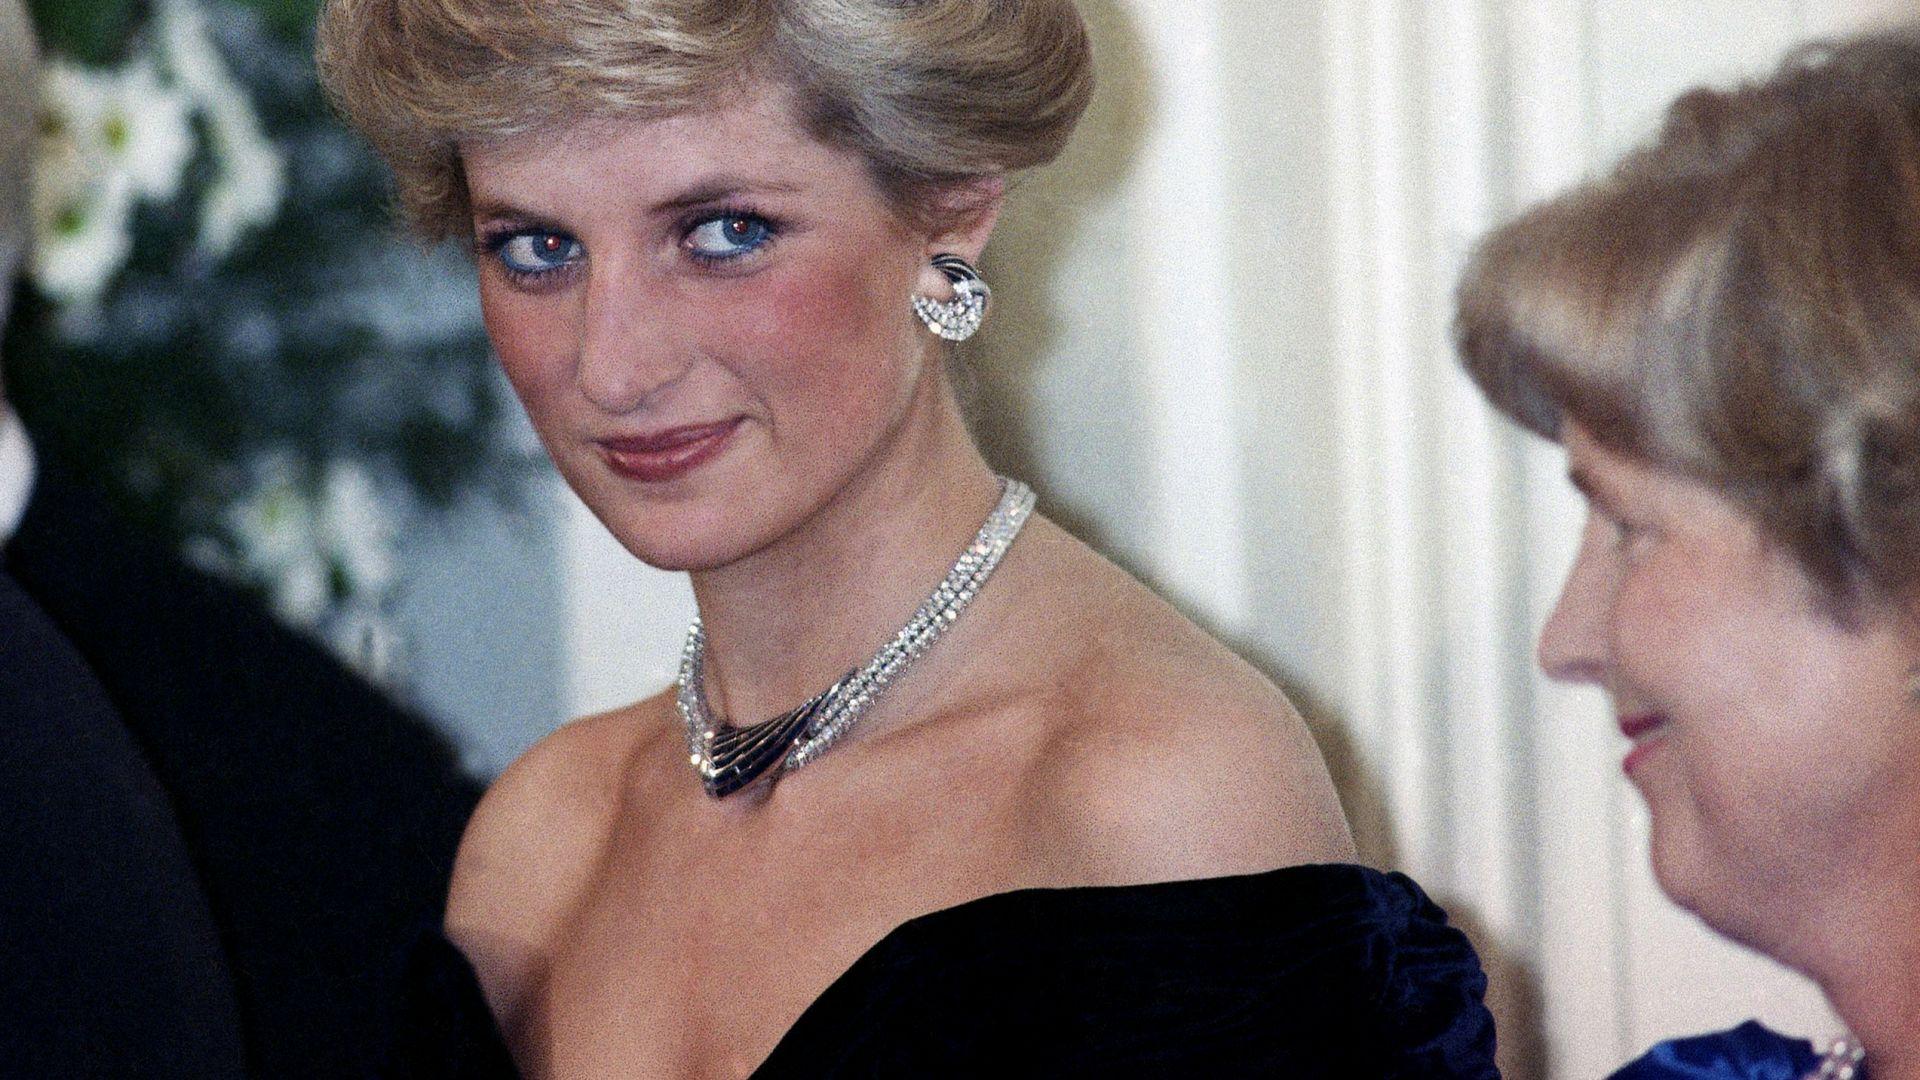 22 години от смъртта на Даяна - принцесата, която стана кралица в сърцата на хората